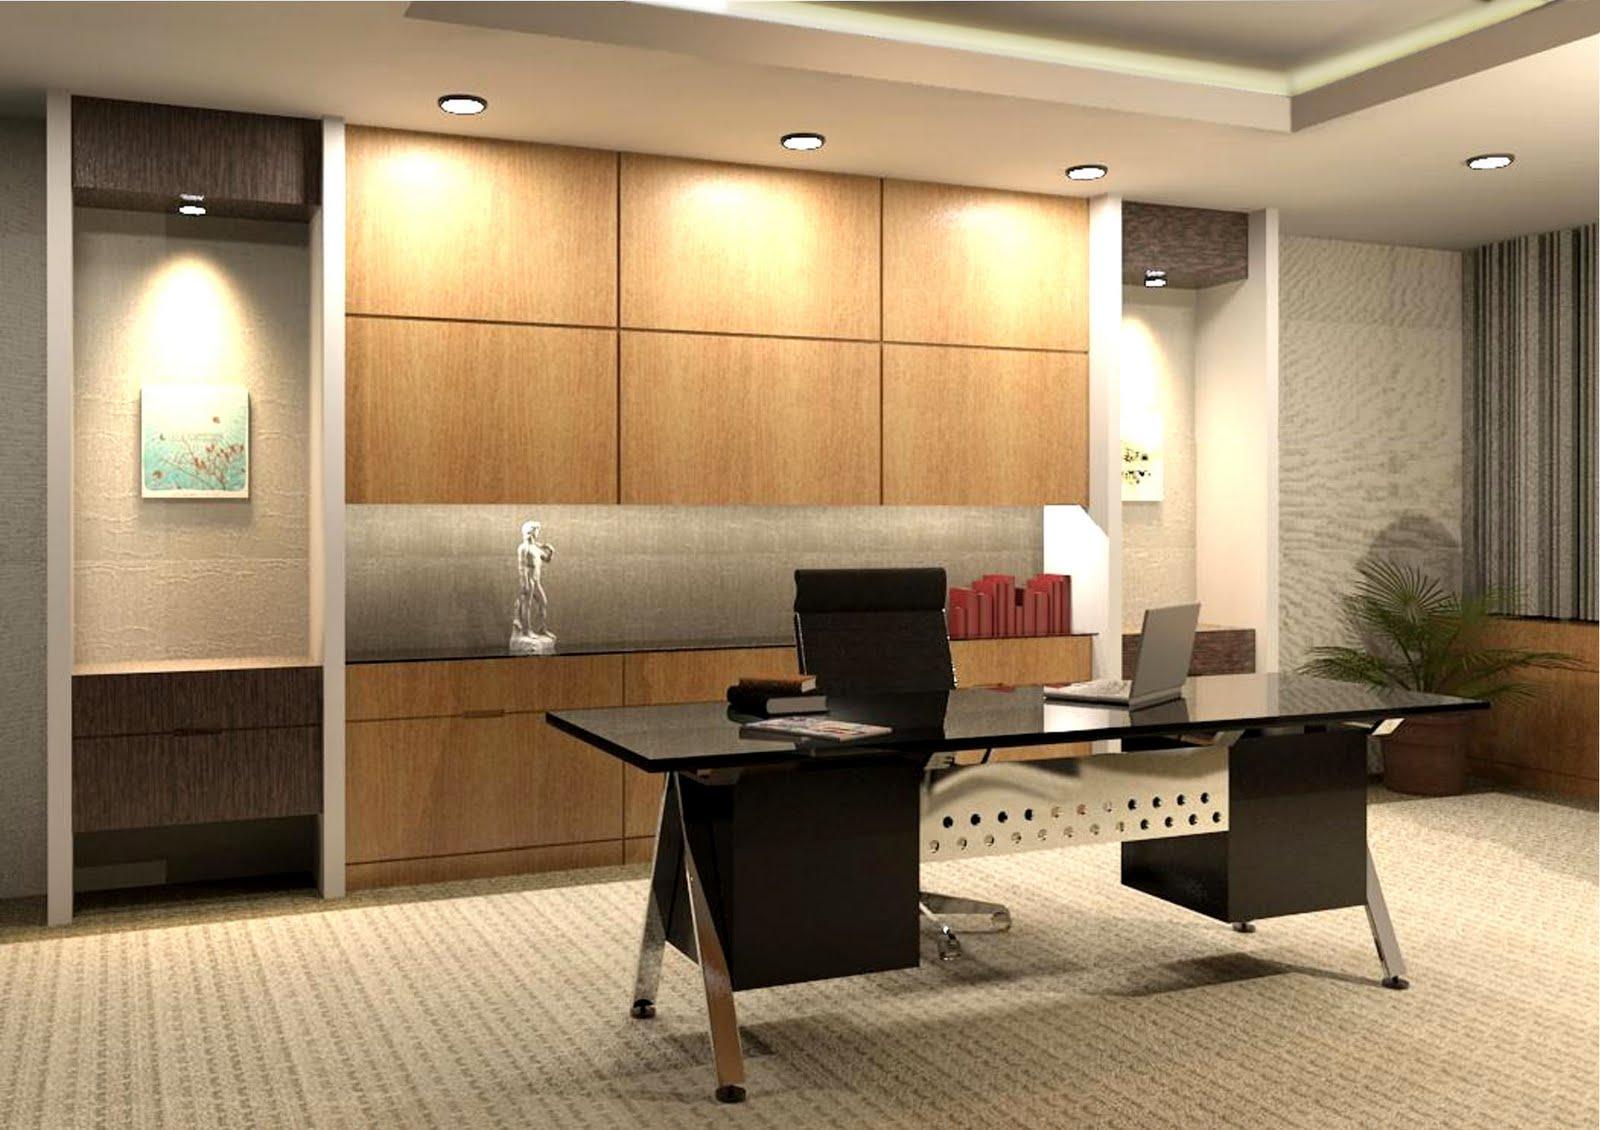 ofis-mobilyaları-nasıl-olmalı